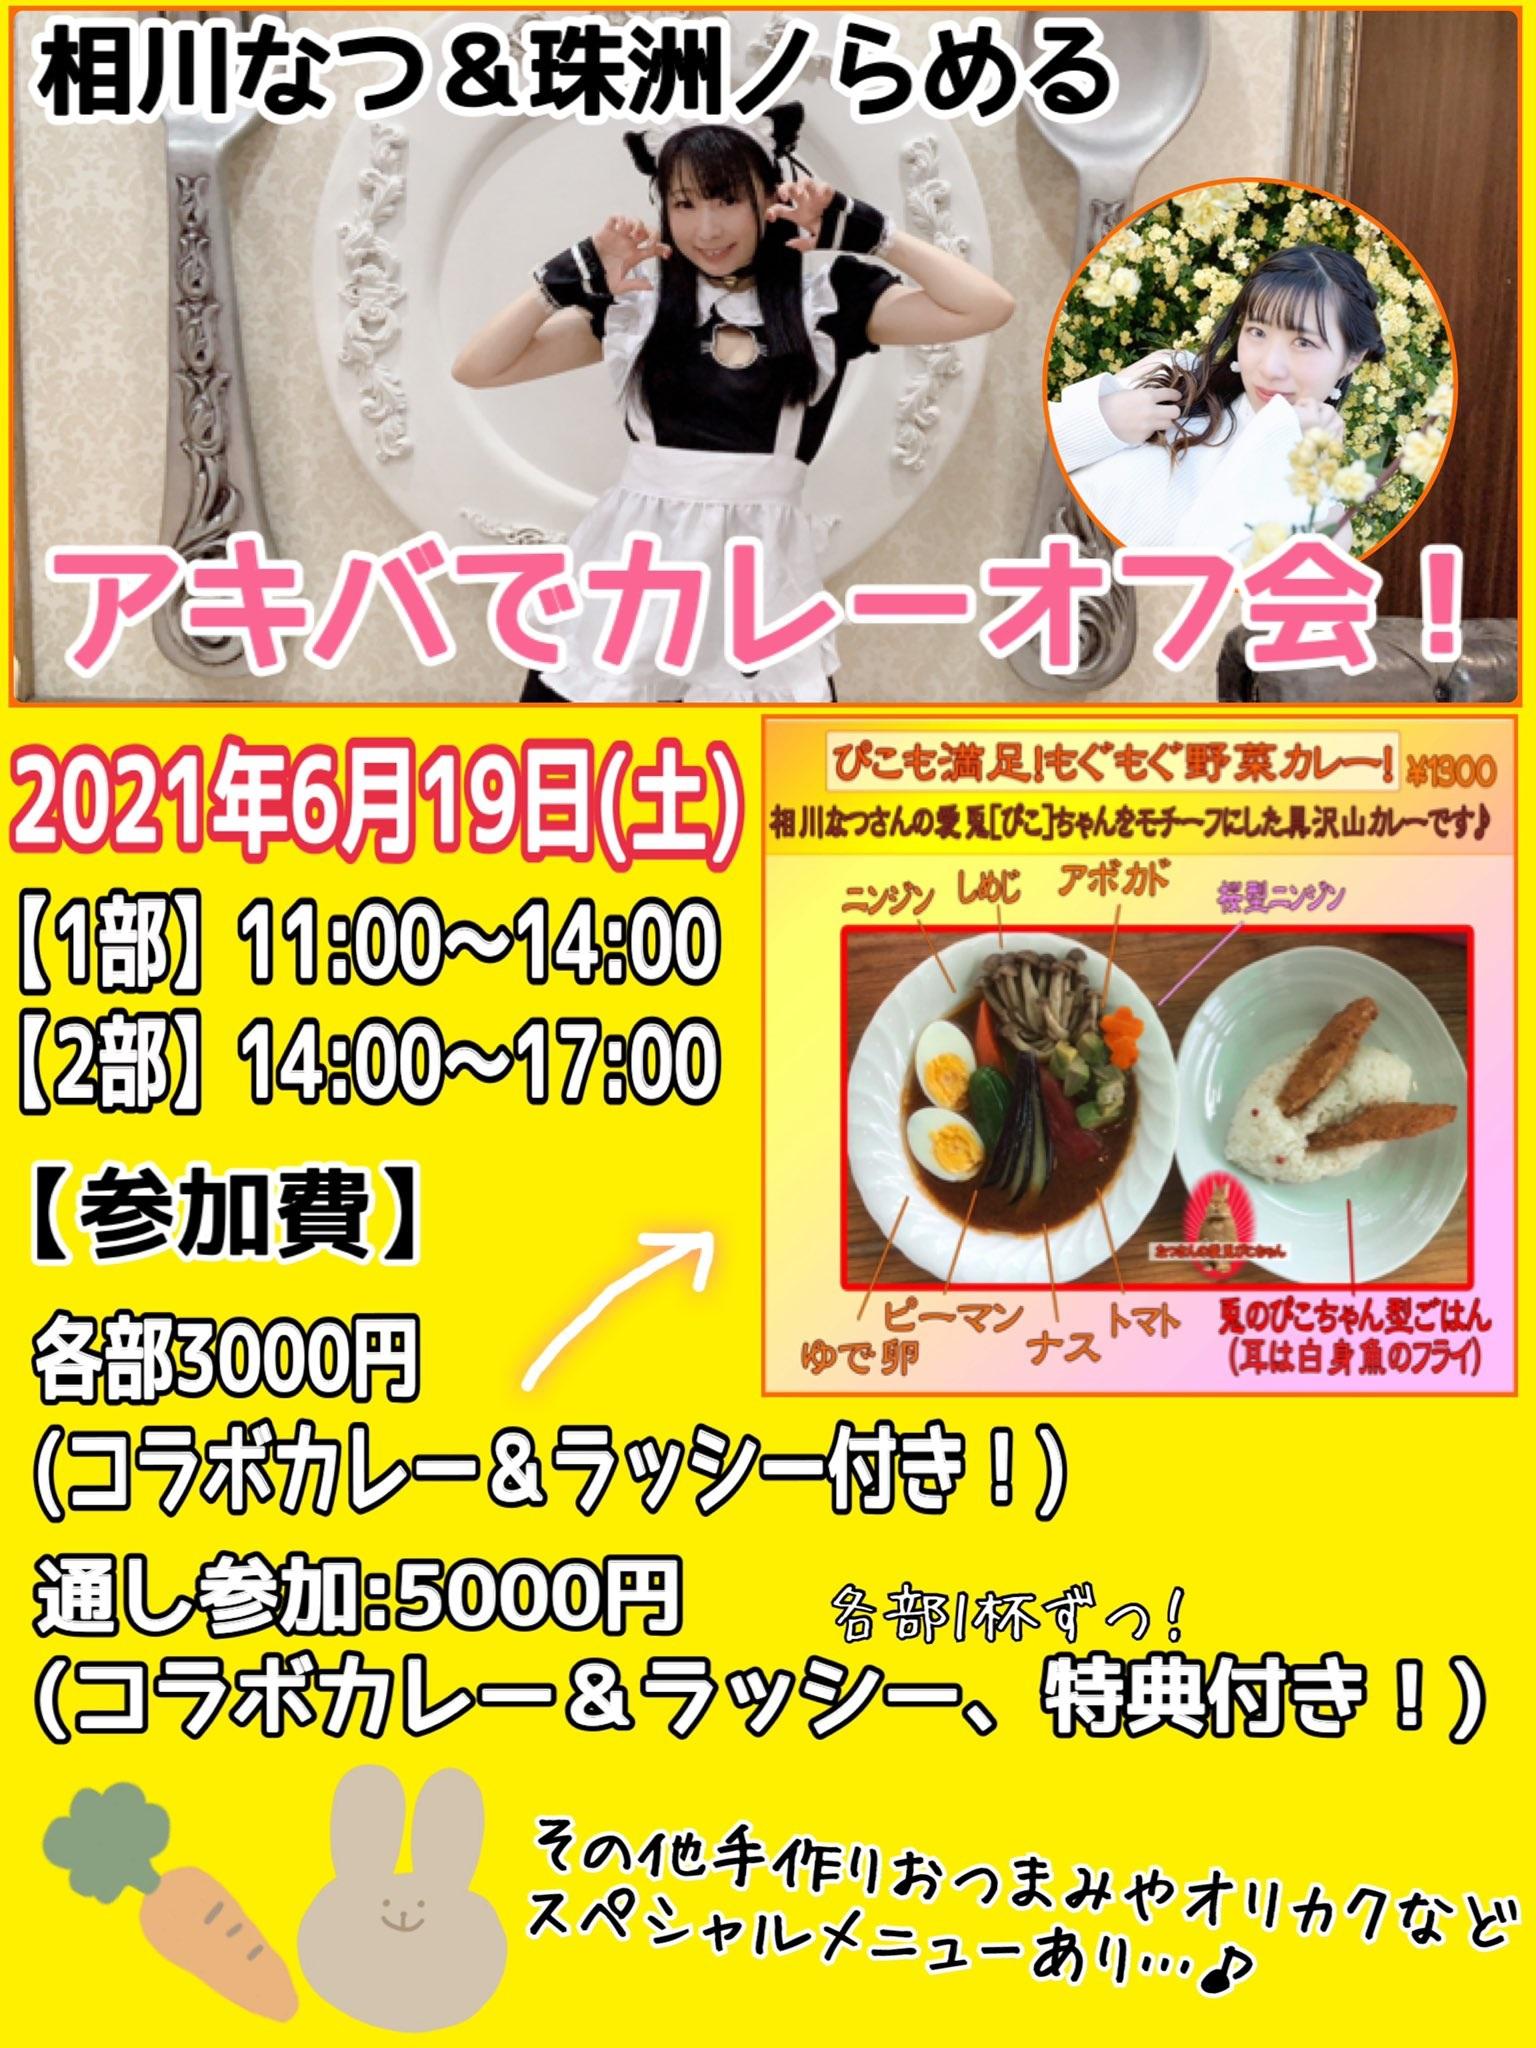 6月19日(土) アキバでカレーオフ会!を開催します!!!